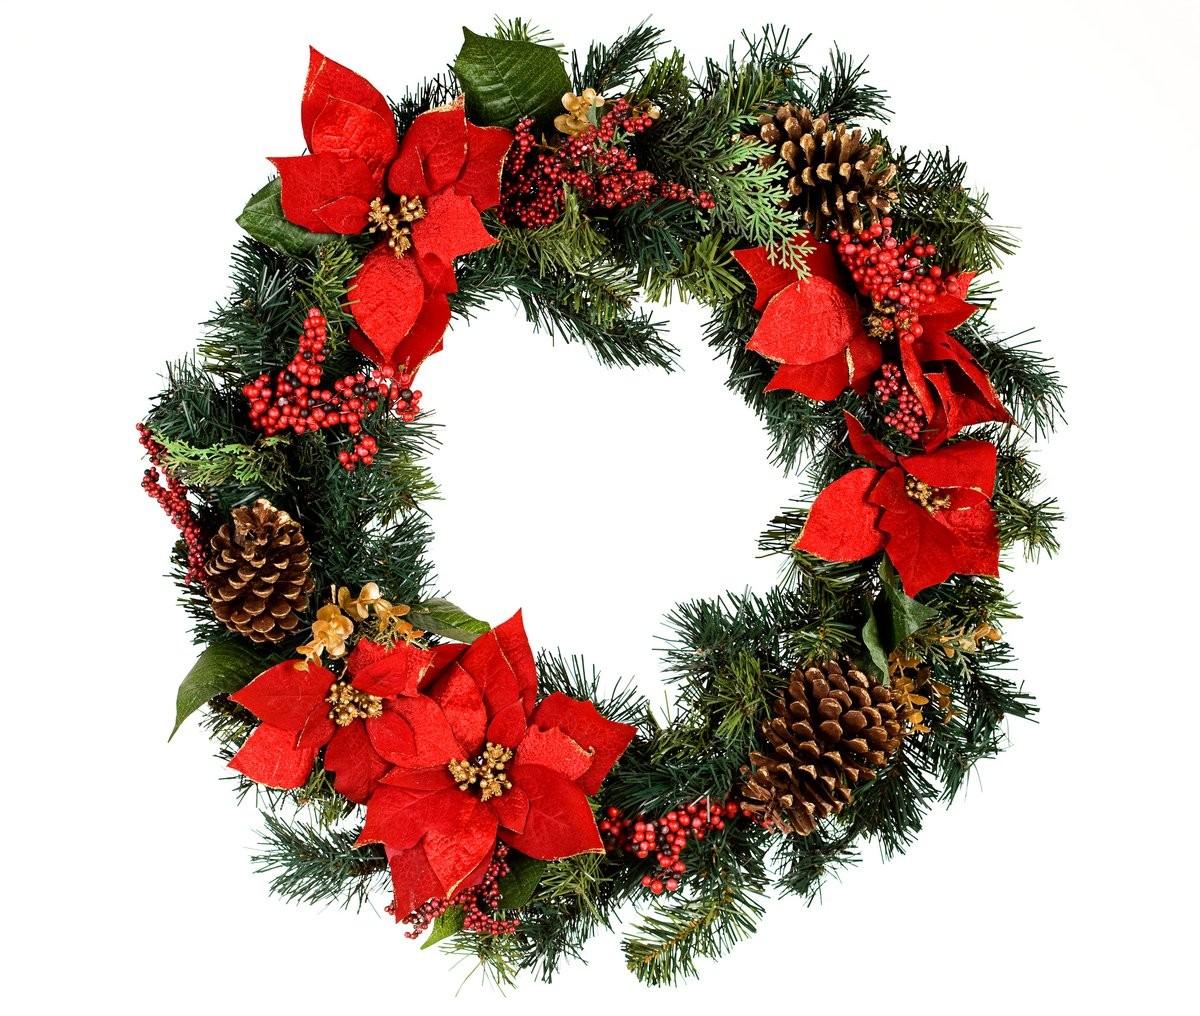 Wreath Making Workshop Glendoick Garden Centre